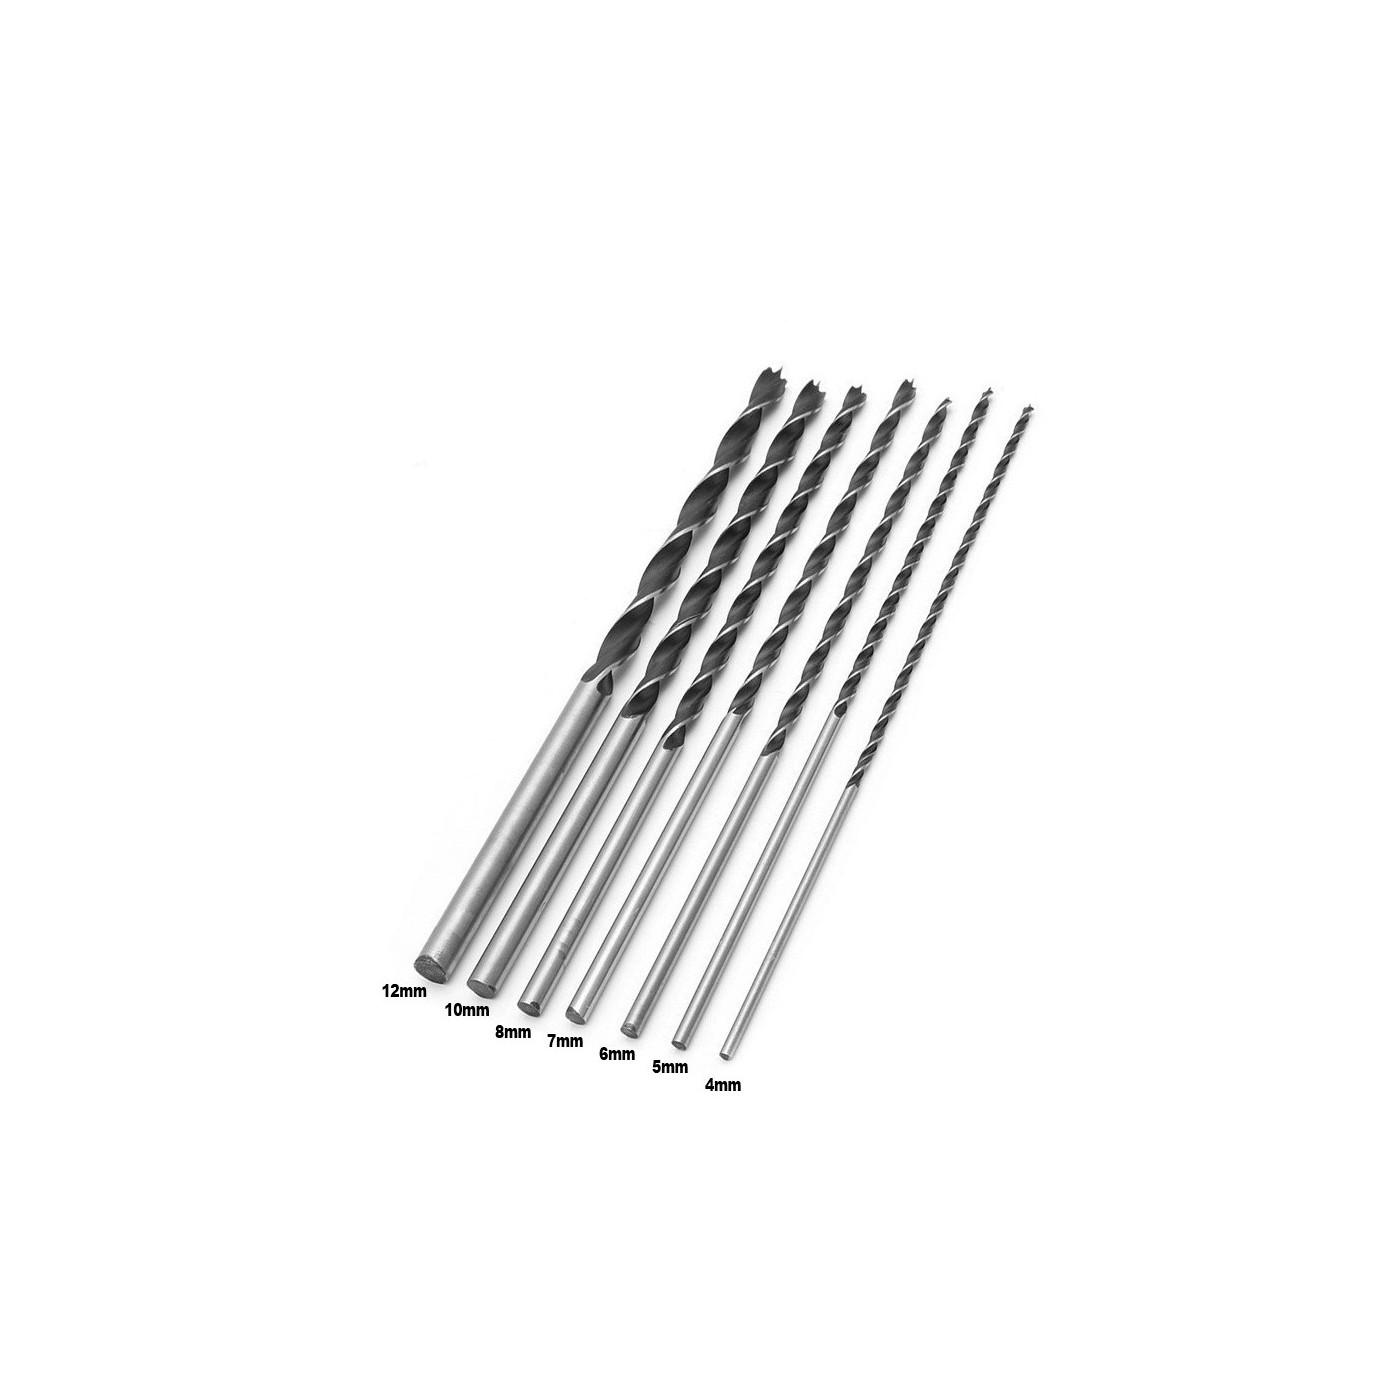 Jeu de 7 forets à bois extra longs (4-12 mm, 300 mm de long)